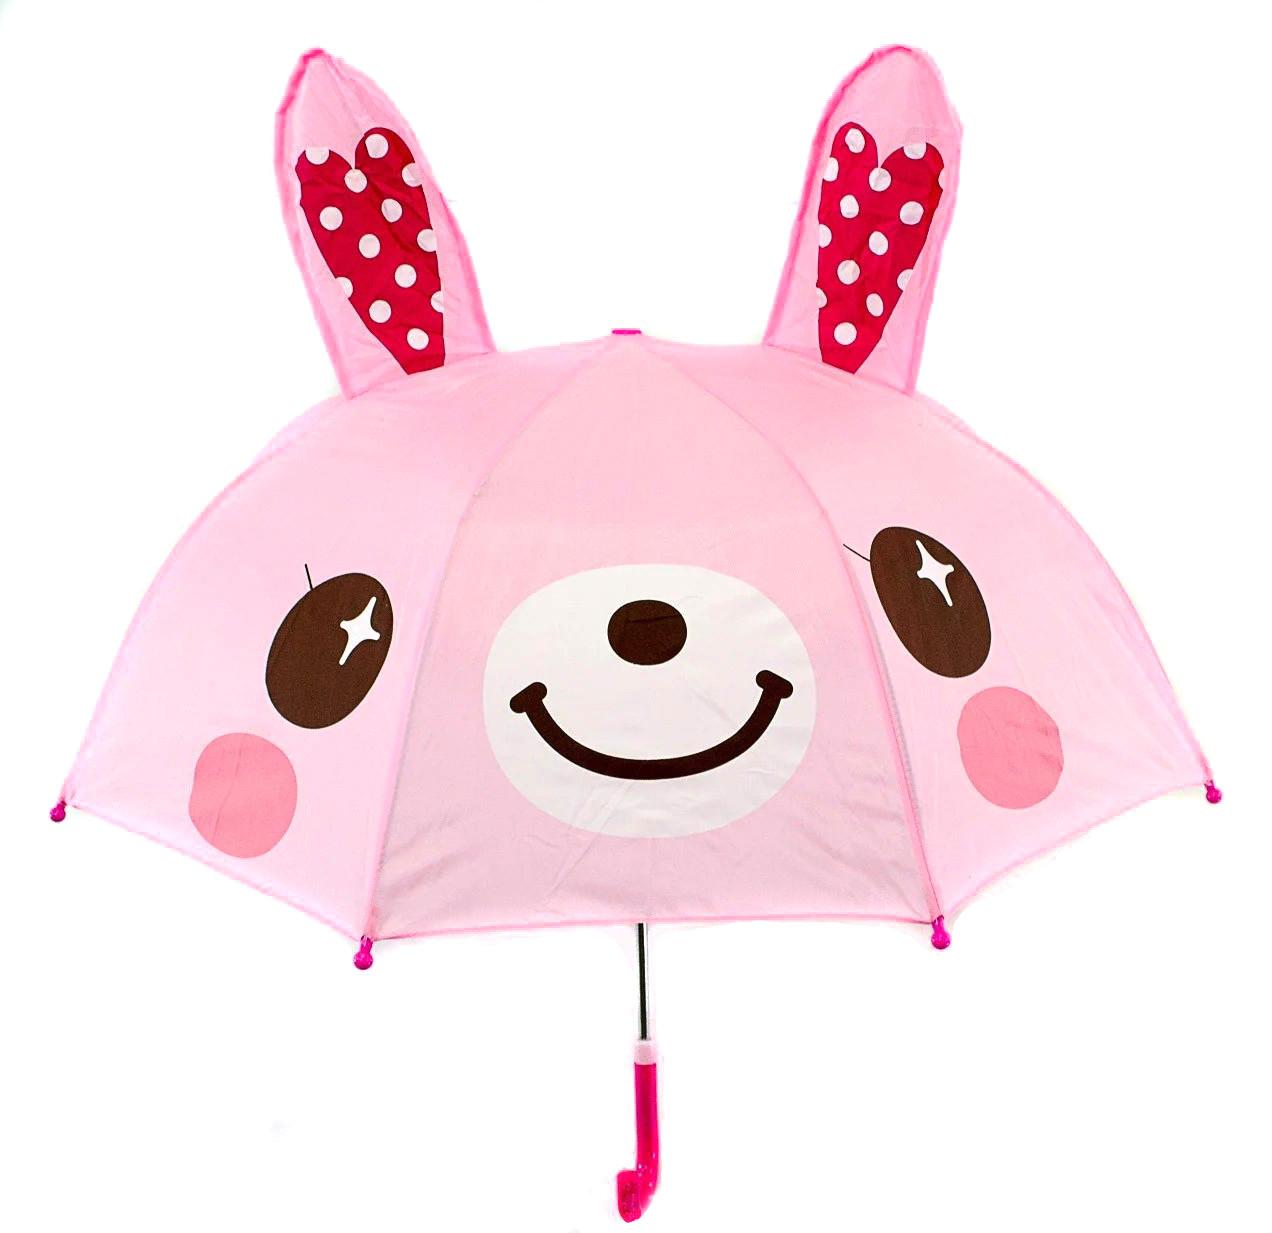 Зонт трость детский для девочек полуавтомат Luky Rain розовый с ушками на 2-5 лет. Детский зонтик.